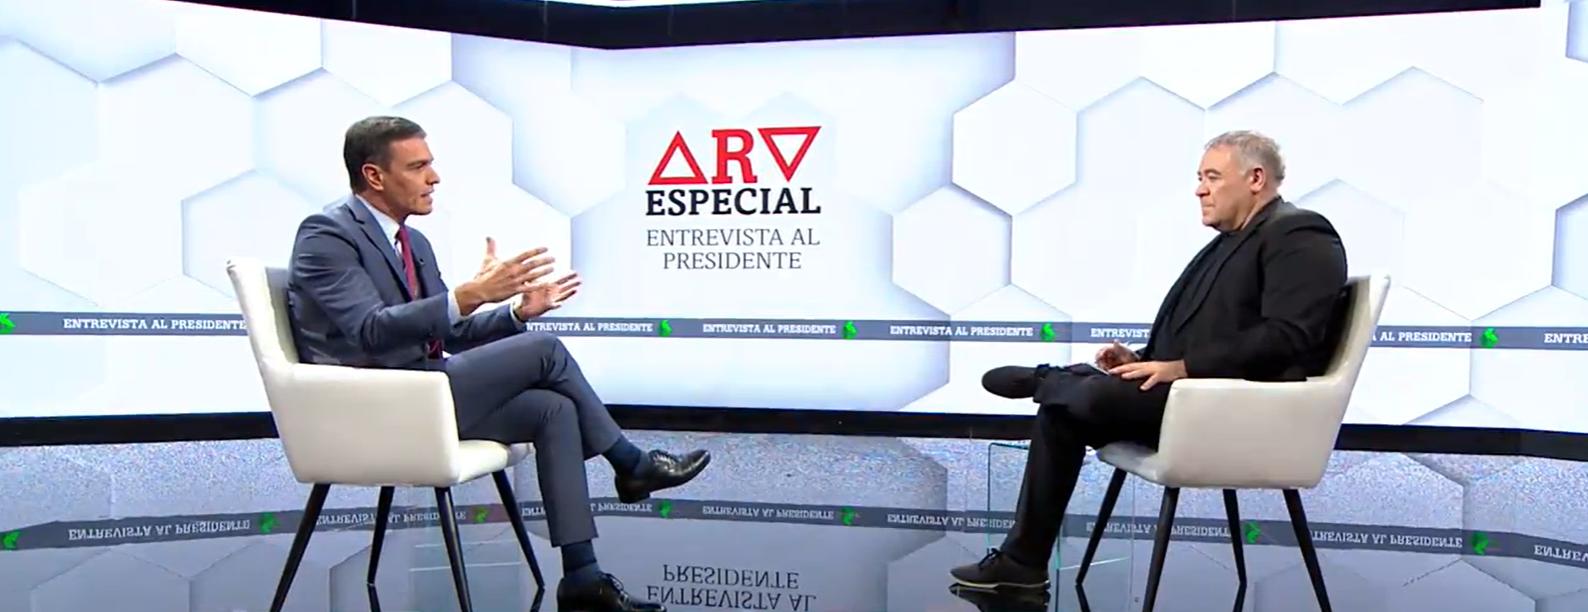 Sánchez Ferreras entrevista